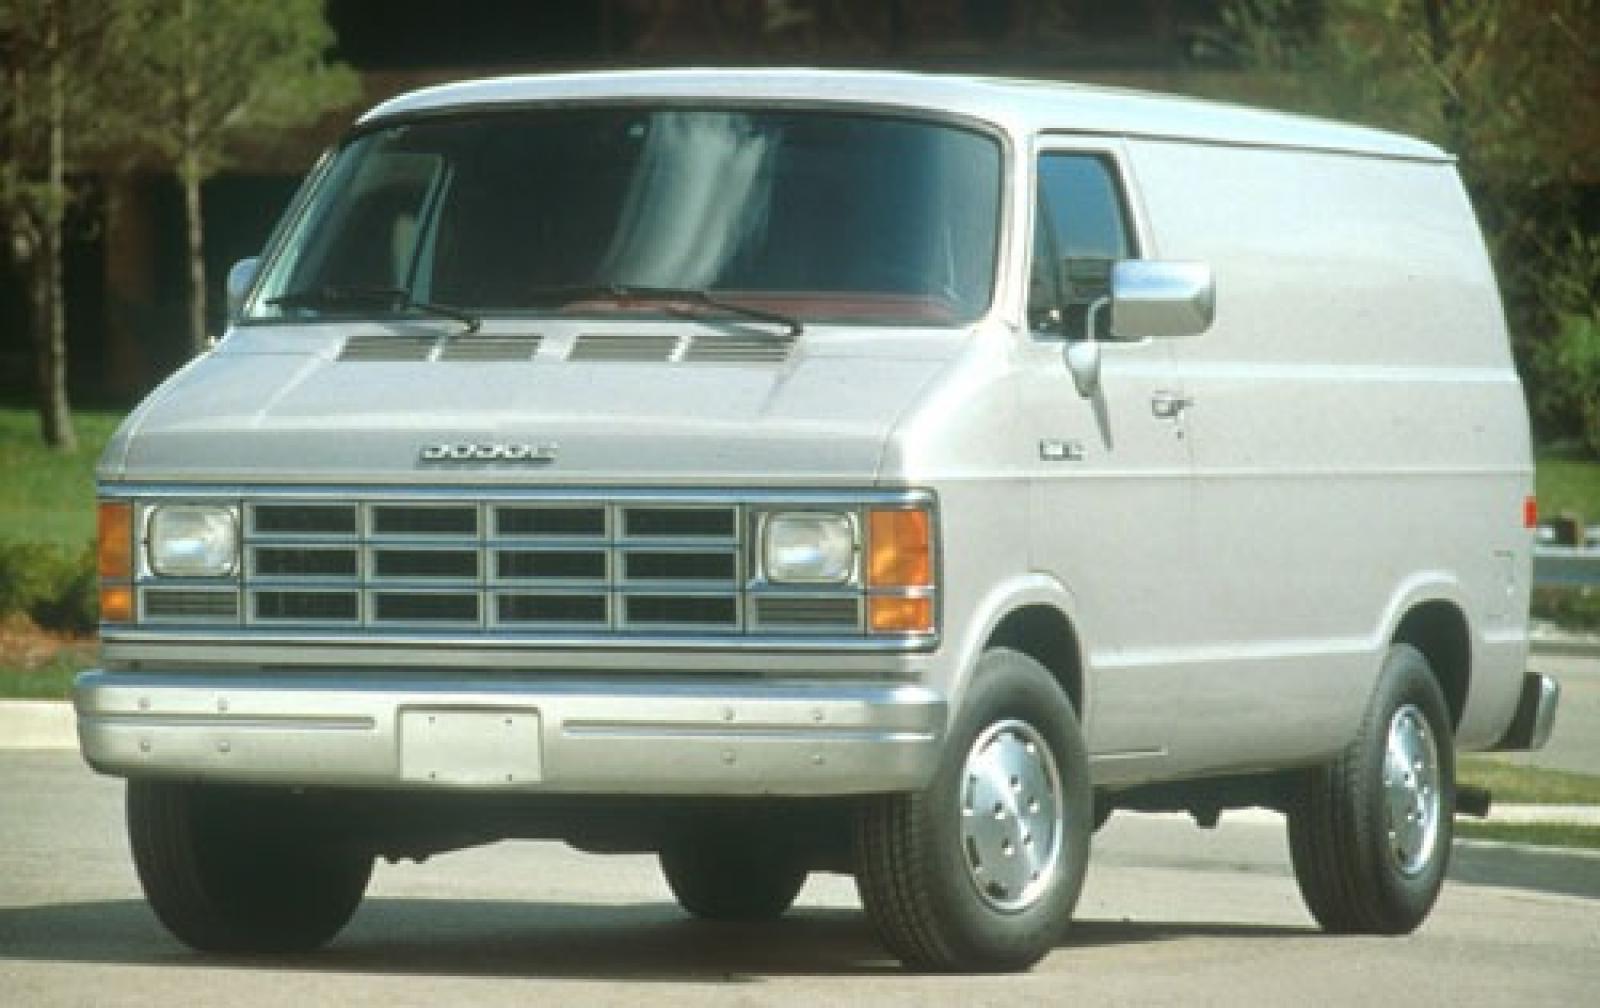 1988 dodge b150 van